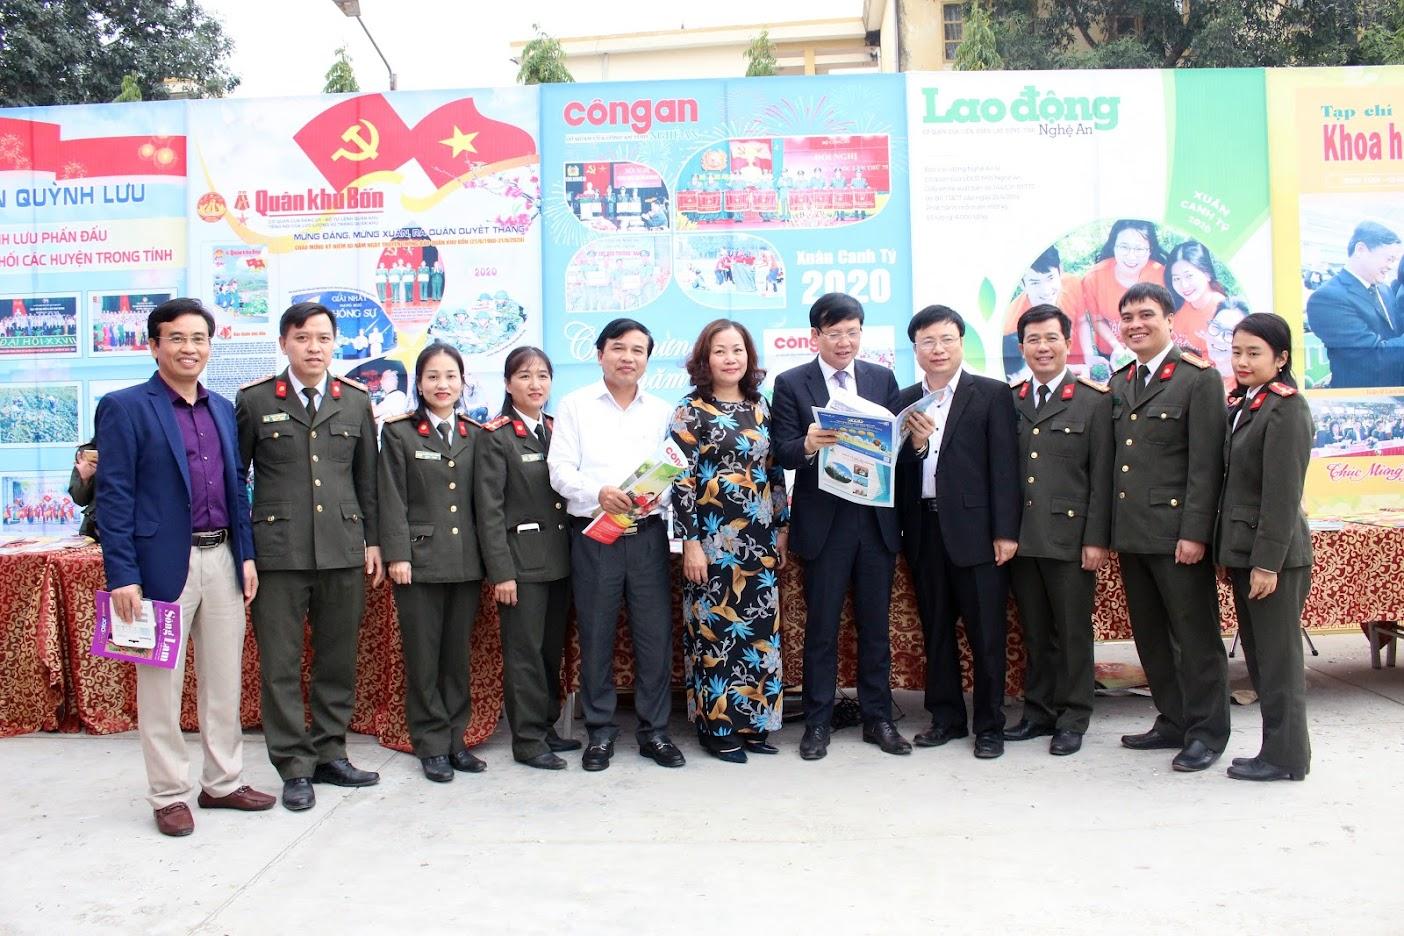 Các đại biểu chụp ảnh lưu niệm với Ban biên tập, cán bộ, phóng viên Báo Công an Nghệ An